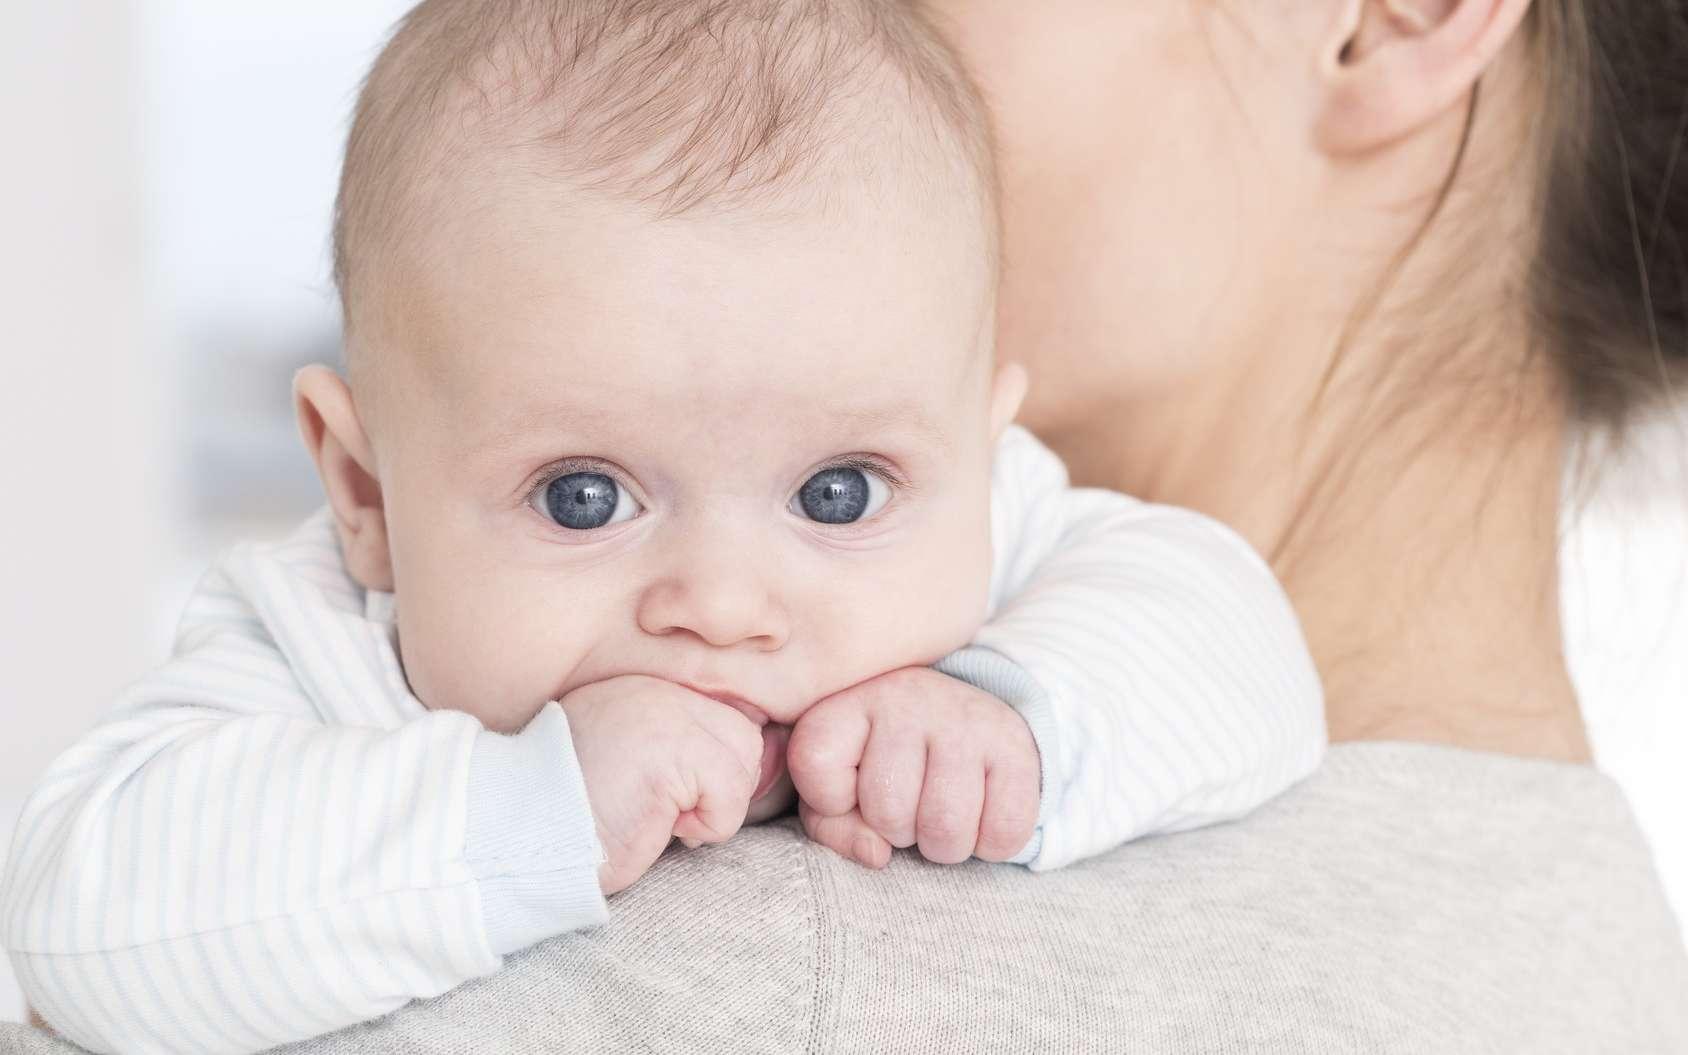 Une étude suggère l'existence d'un instinct maternel inné. © Photographee.eu, Fotolia